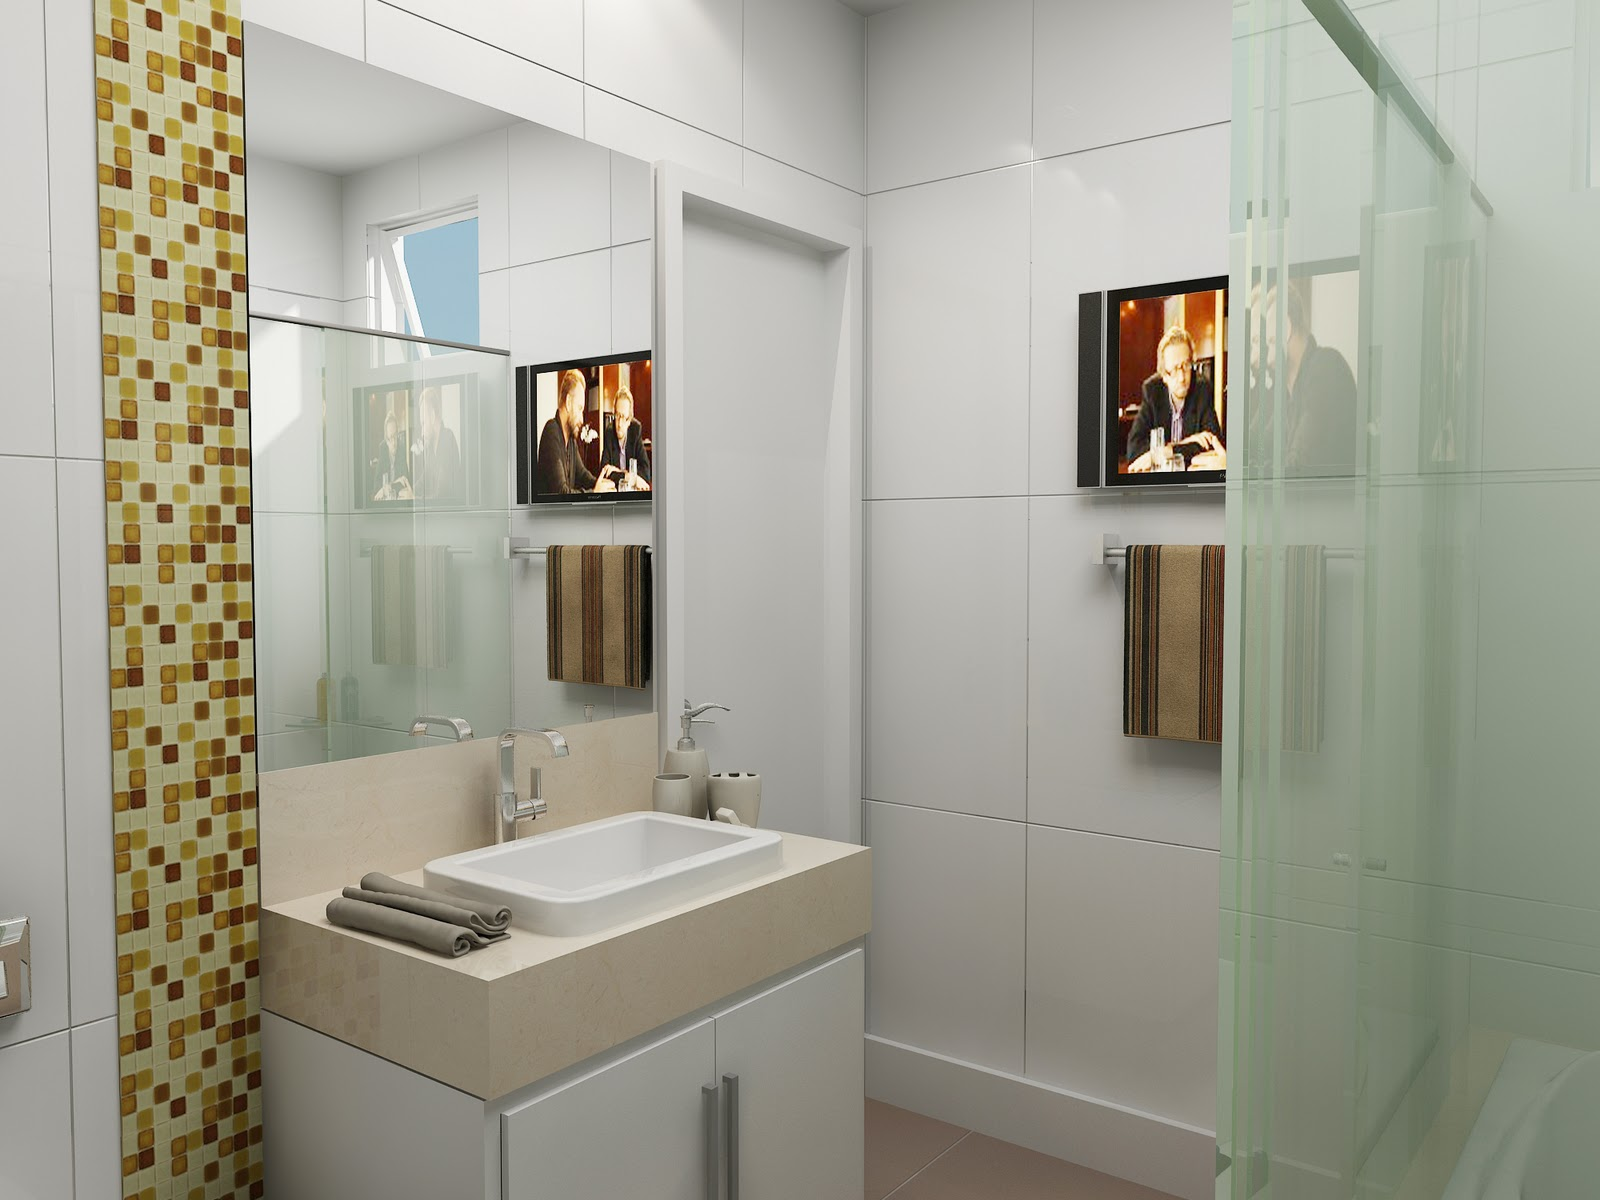 banheiro mas colocando dois nichos quadrados com espelho no fundo e #9C7A30 1600x1200 Banheiro Com Nicho